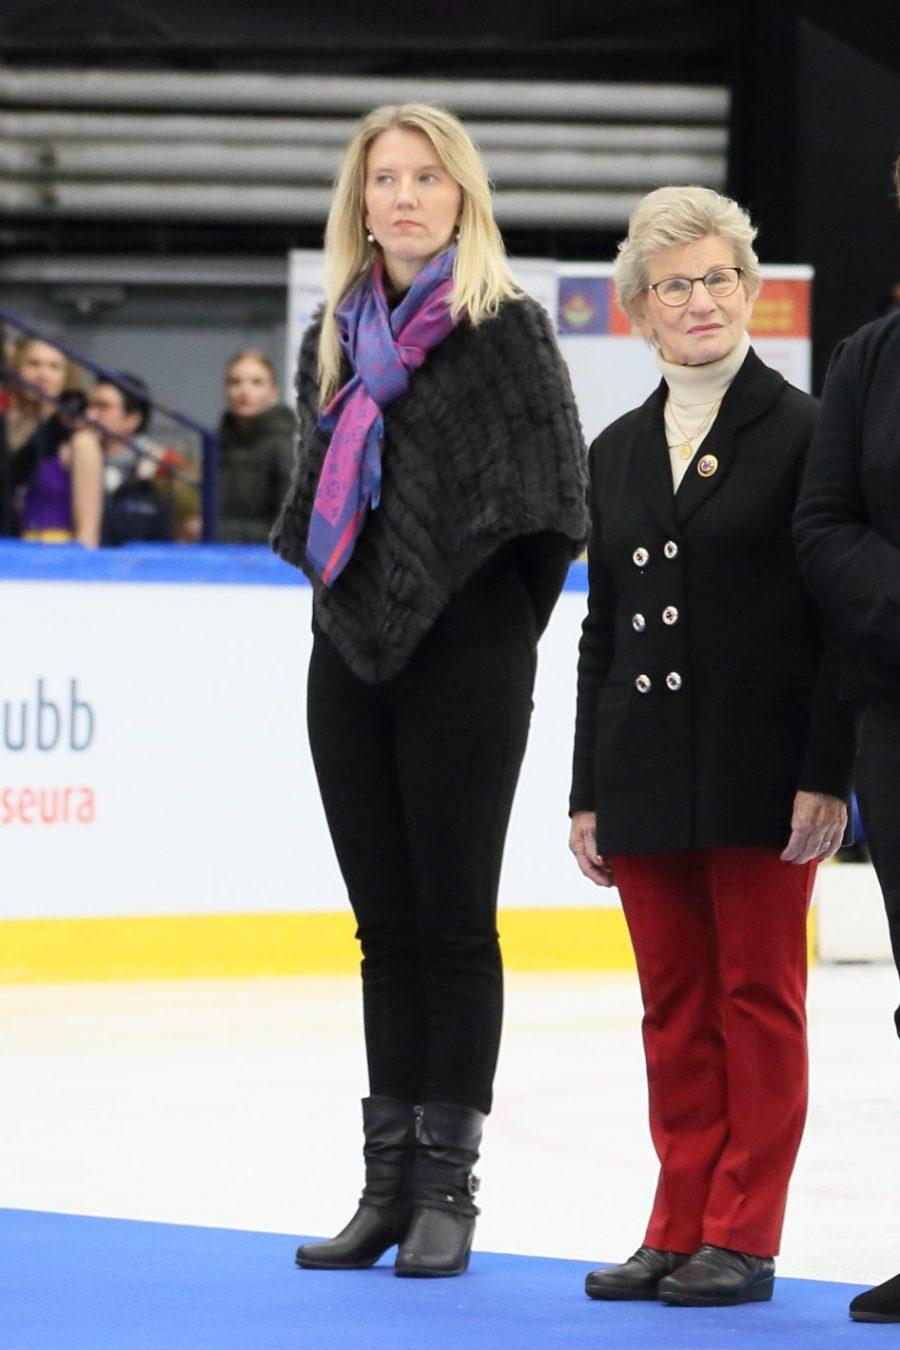 Anna-Maija Kivimäellä on jääkuningattaren kruunauksesta jo rutiinia, sillä ensimmäisen kerran hän toimi kruunun asettelijana jo 1960-luvulla, kun hän piti omalla urallaan välivuoden.